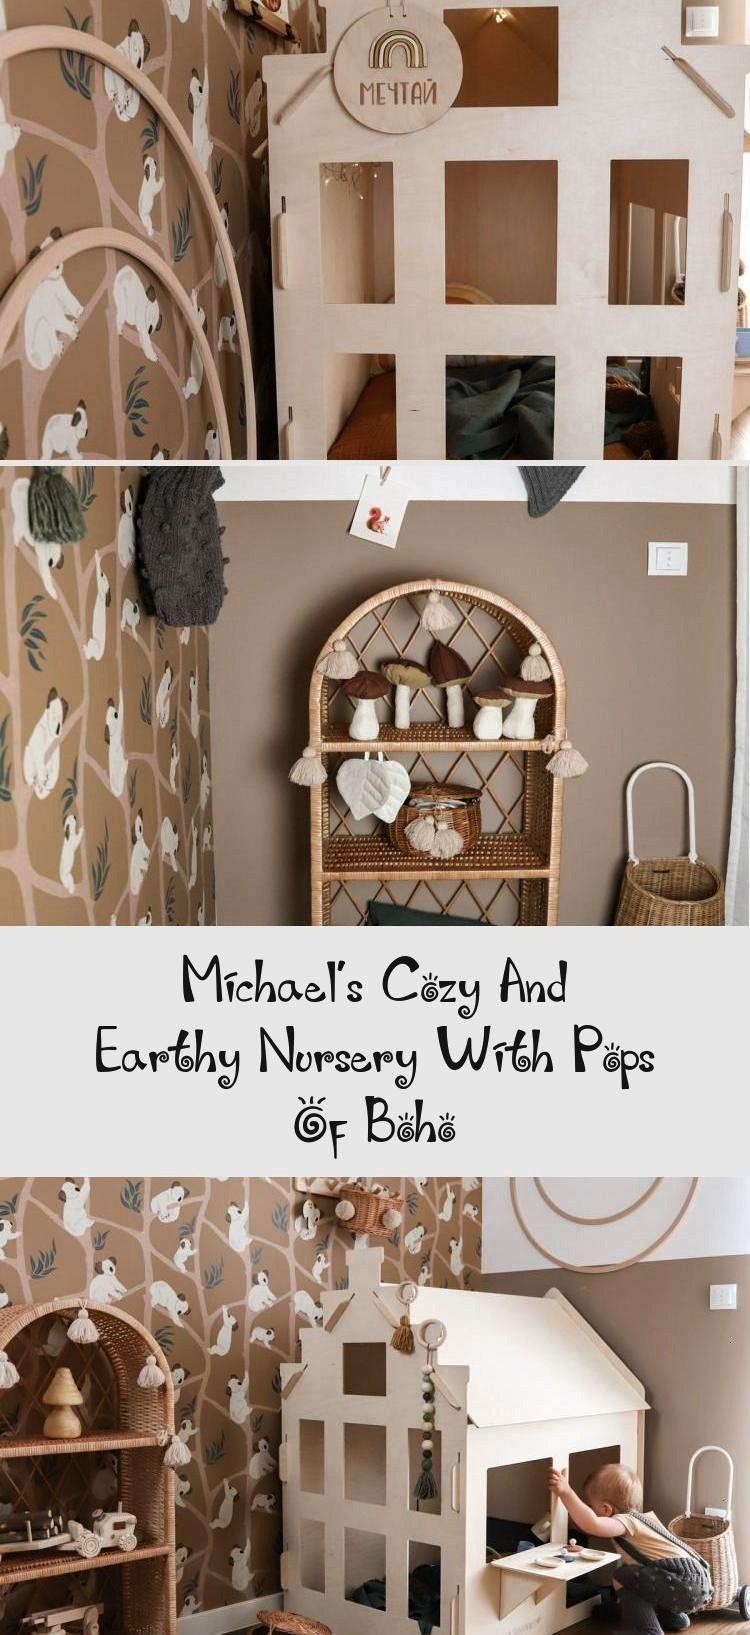 Babypflegeerstausstattung Organisierte Organisieren Aufbewahrung Hausapotheke Hausmittel Geschenk Ordnung Schrank Ratsam Kinder Inh Cozy Entryway Tables Entryway